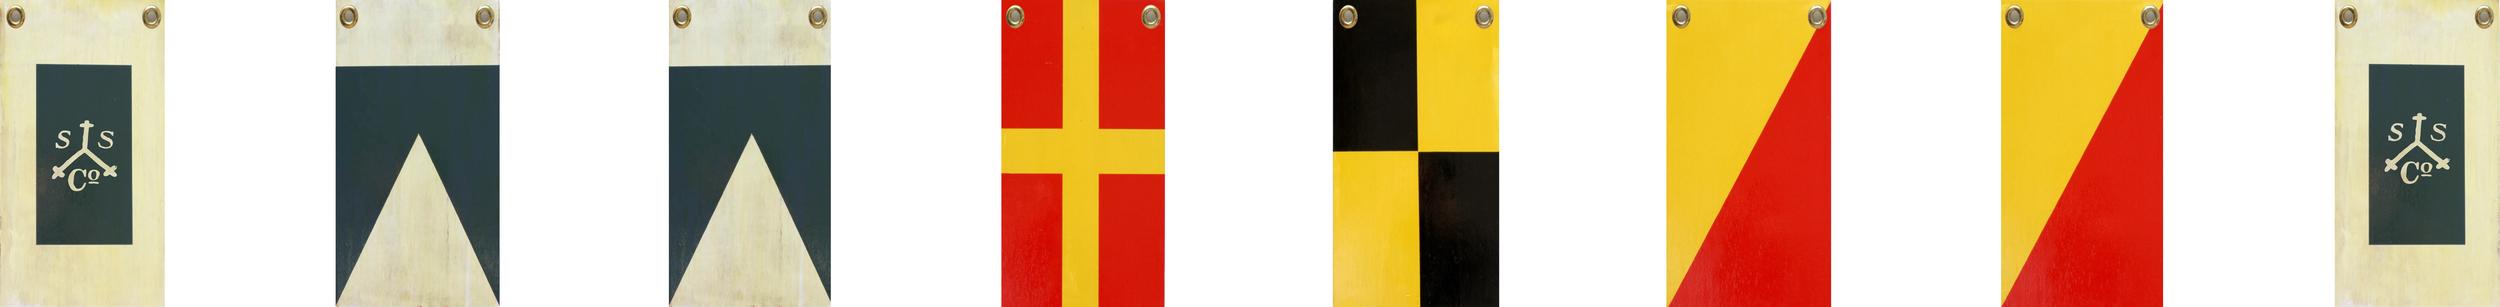 cropped saarloos flags.jpg